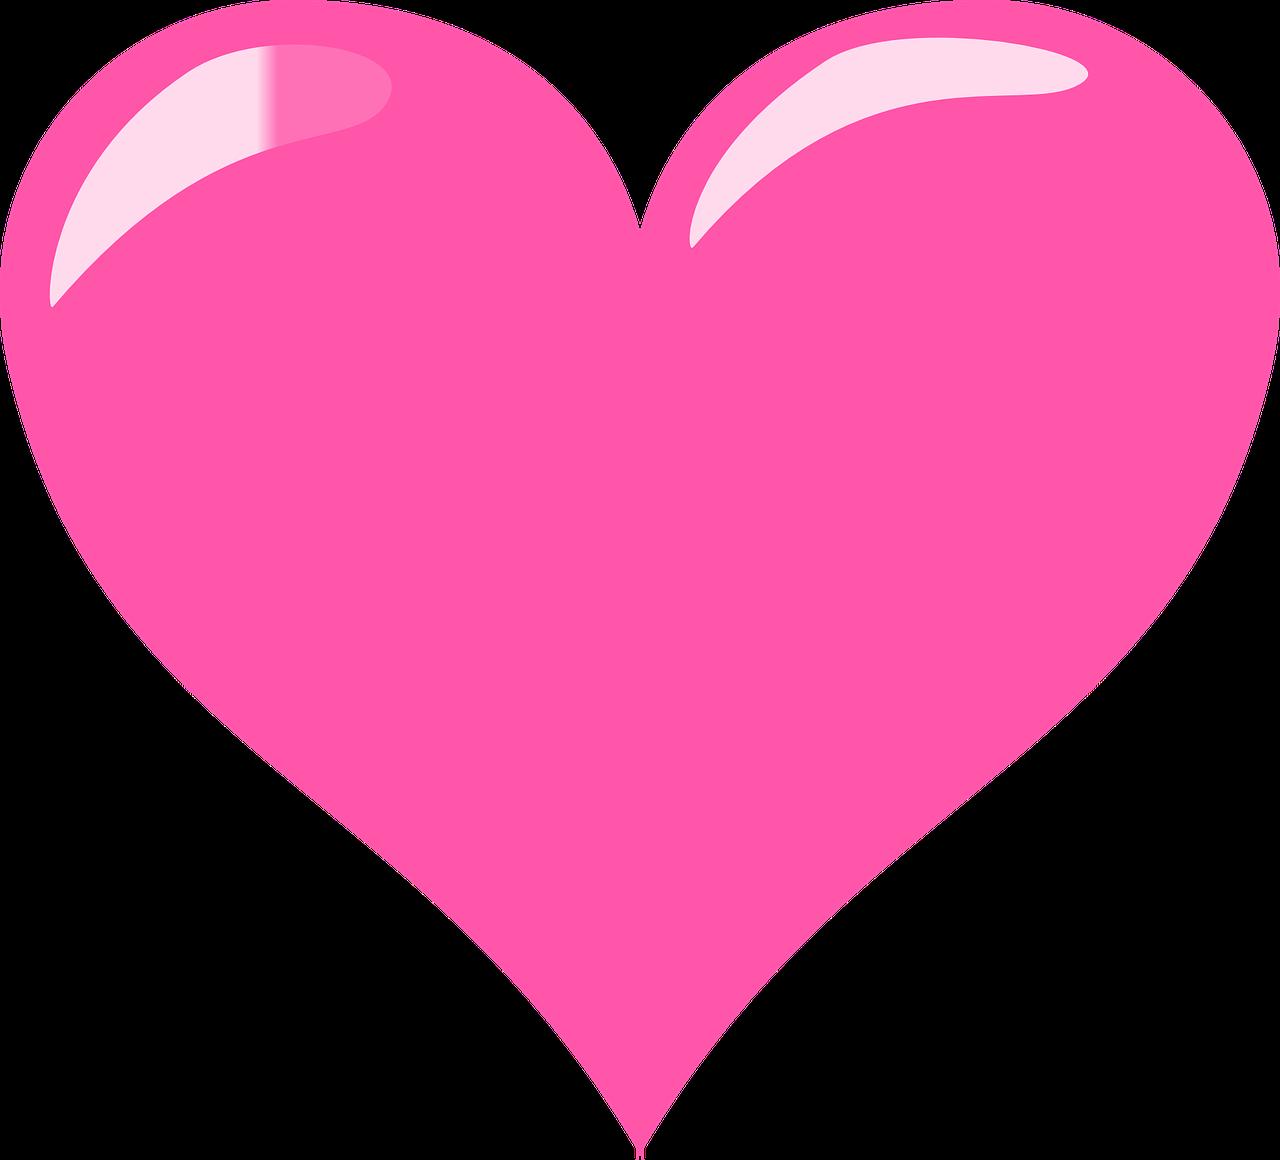 Free Pink Heart Clip Art